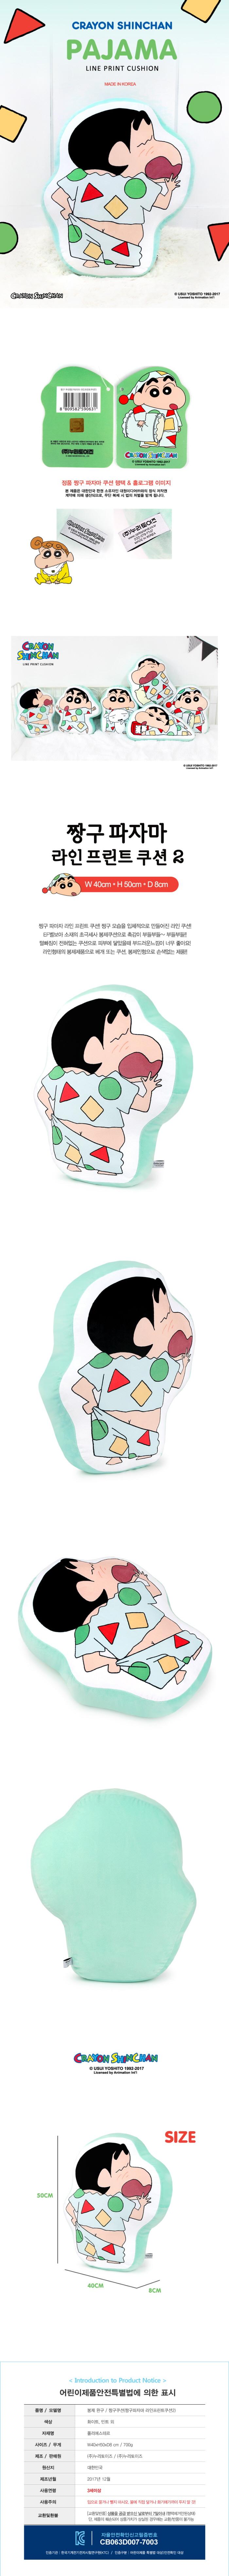 짱구 파자마 라인프린트 쿠션 버전2 (엉덩이) - 키티야, 29,700원, 쿠션, 캐릭터